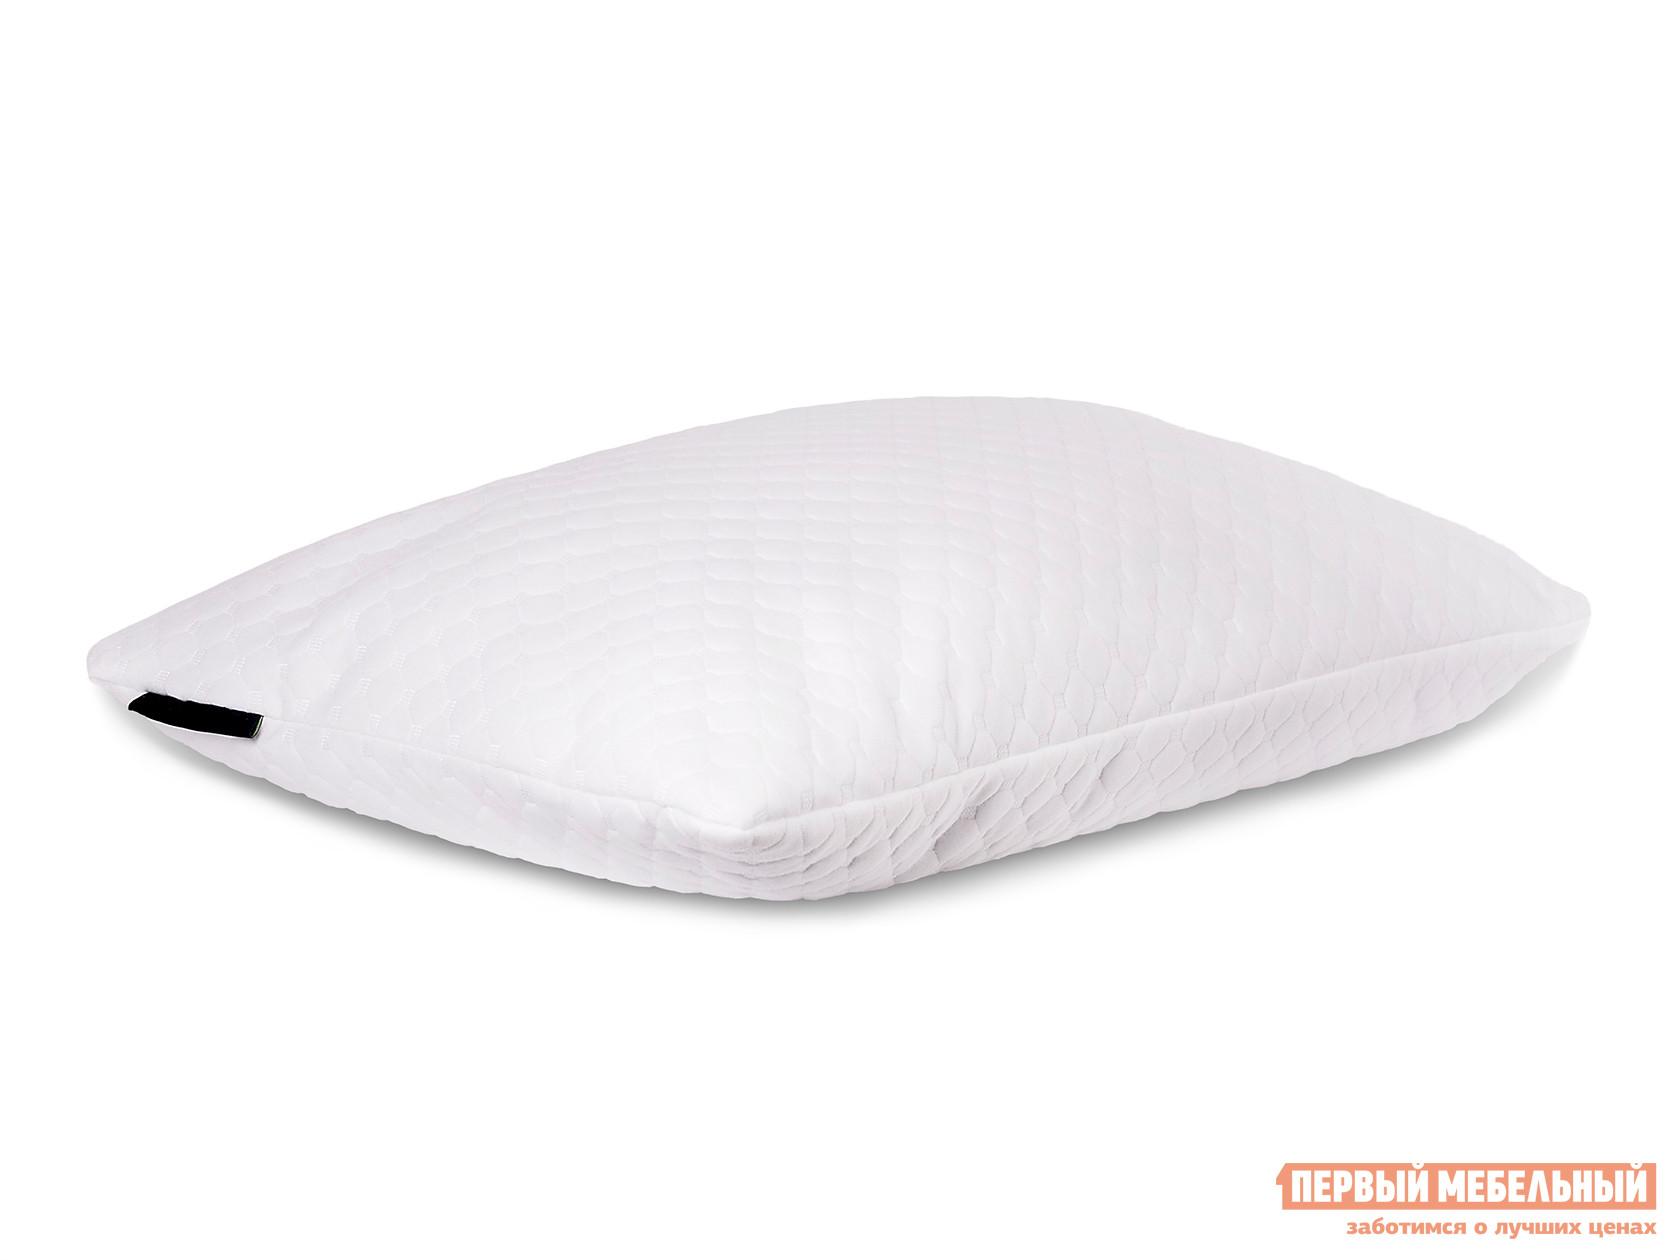 Подушка  Комфорт Белый, Высота 15 см